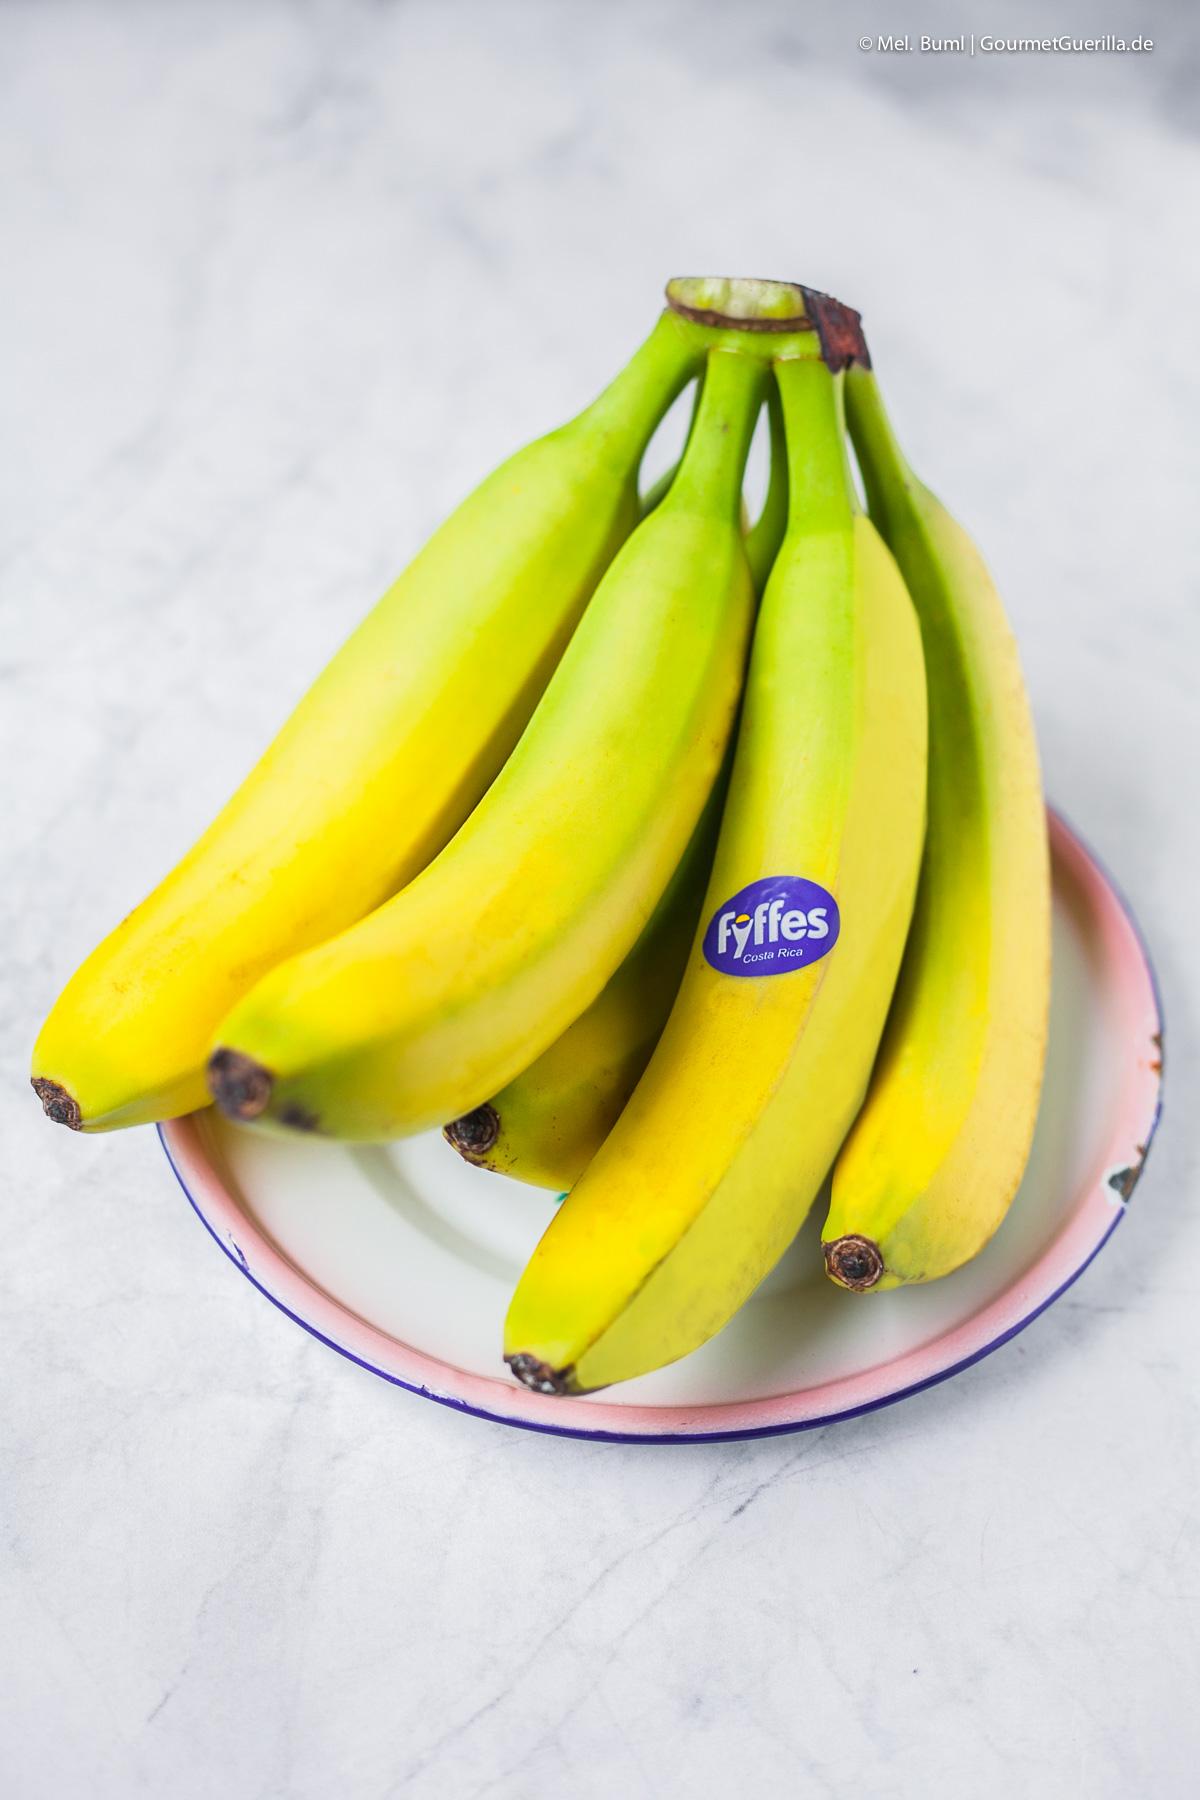 Fyffes Bananen |GourmtGuerilla.de